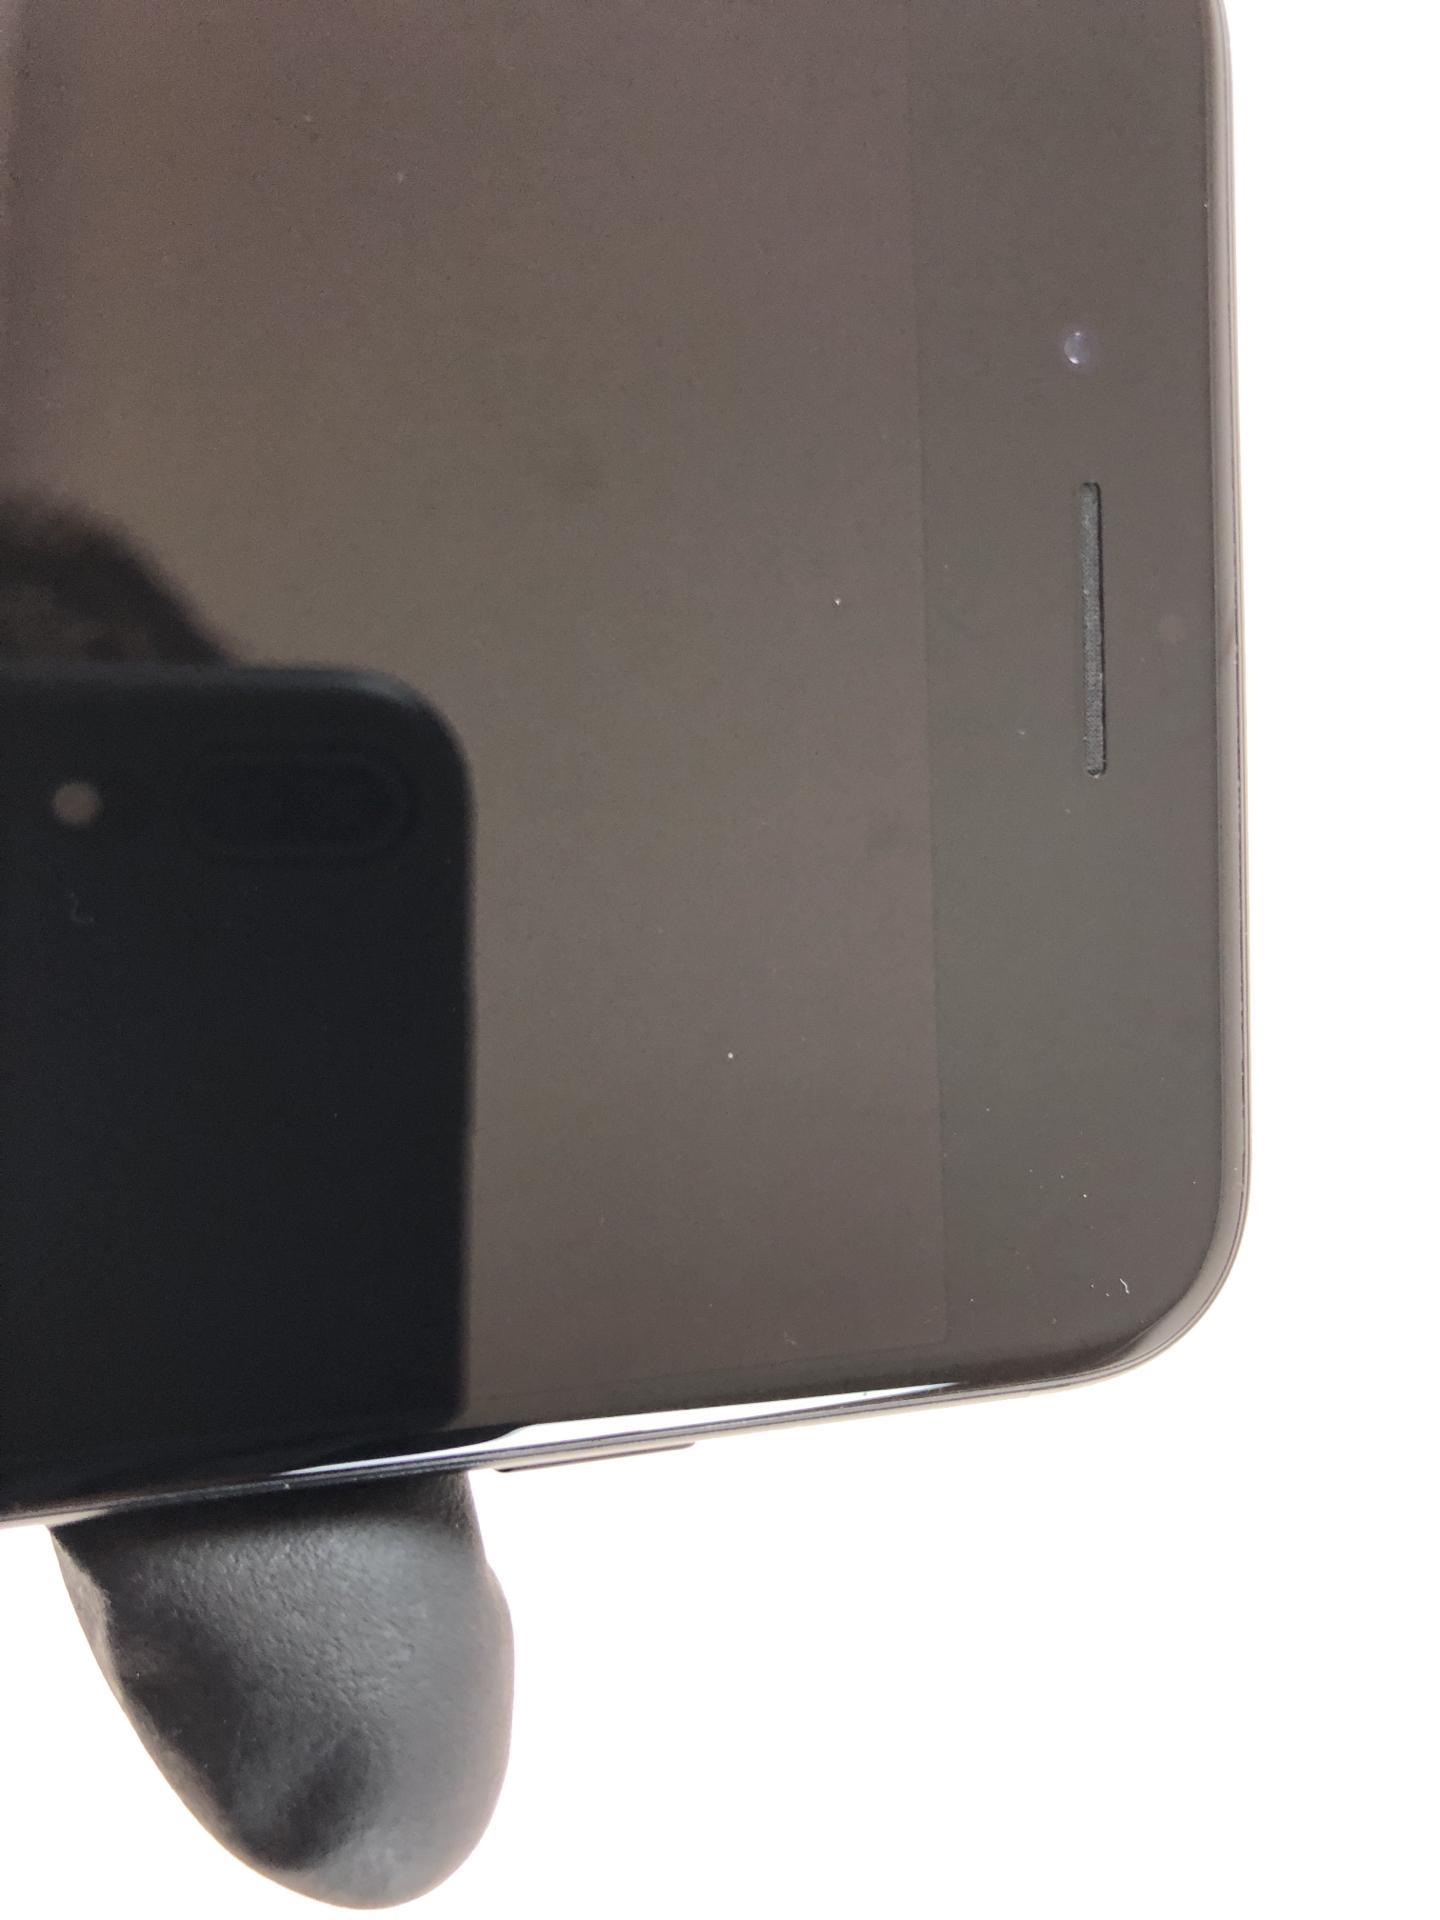 iPhone 7 Plus 32GB, 32GB, Black, Kuva 3